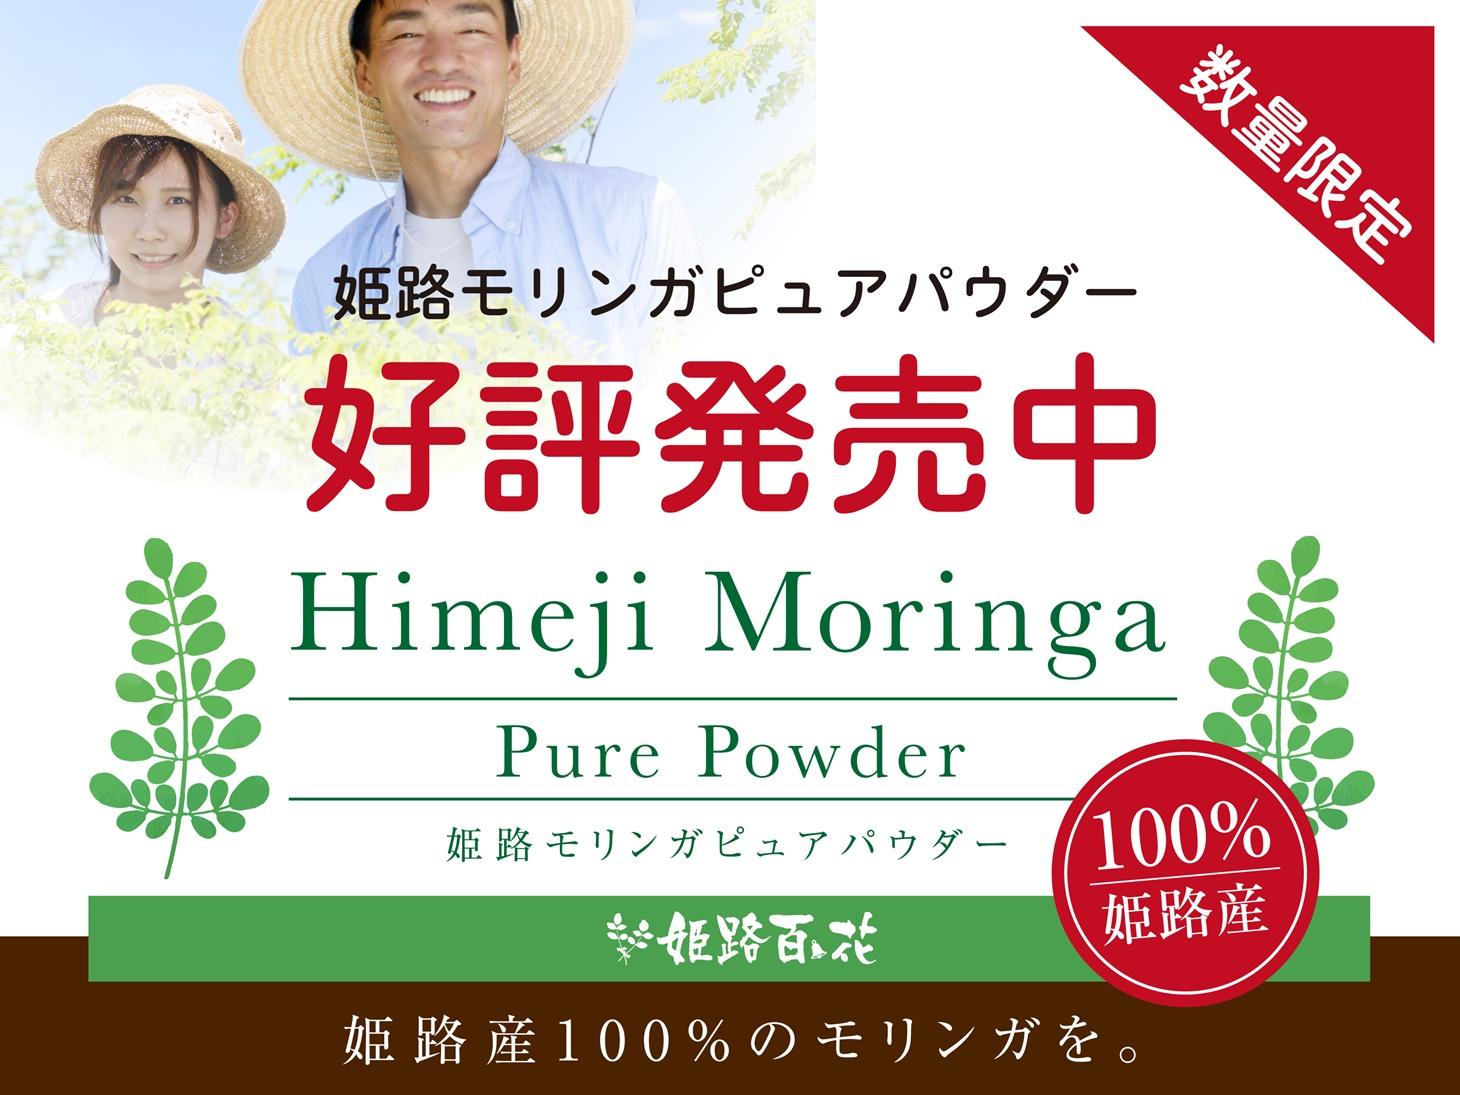 姫路モリンガ ピュアパウダー 好評発売中